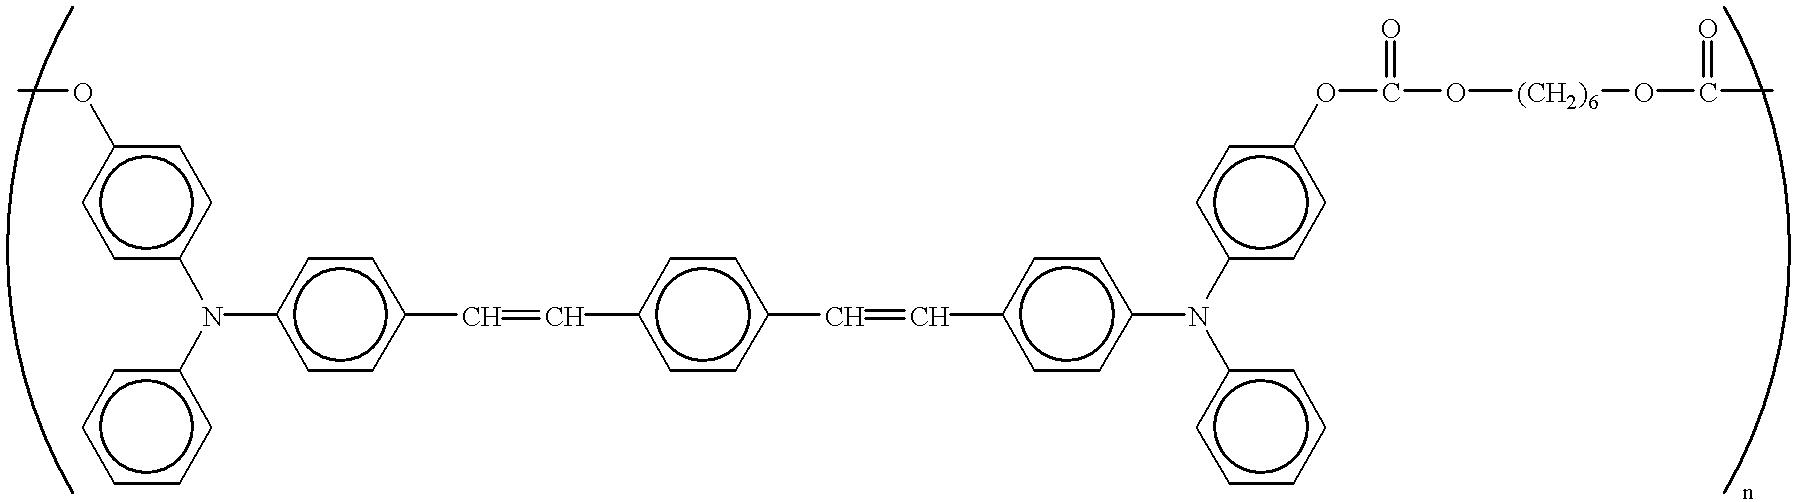 Figure US06558863-20030506-C00043